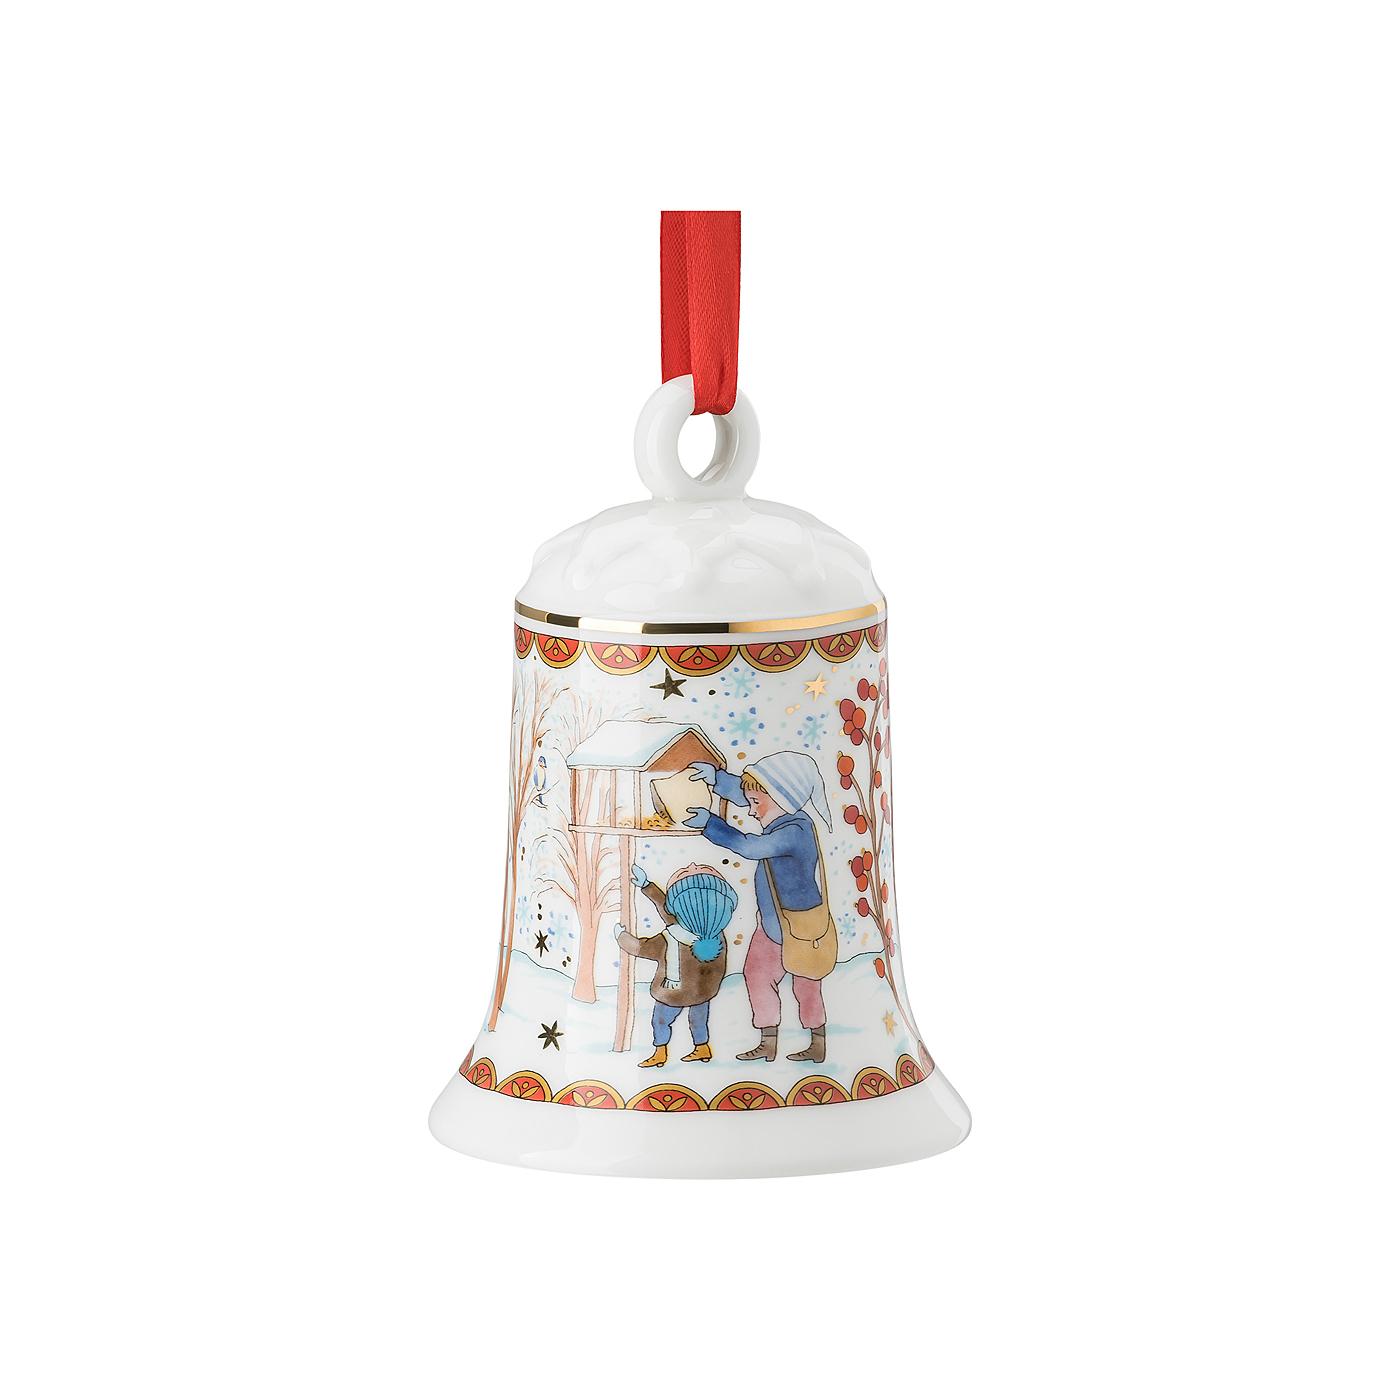 Porzellanglocke 12 cm Sammelkollektion 21 Weihnachtsgaben Hutschenreuther